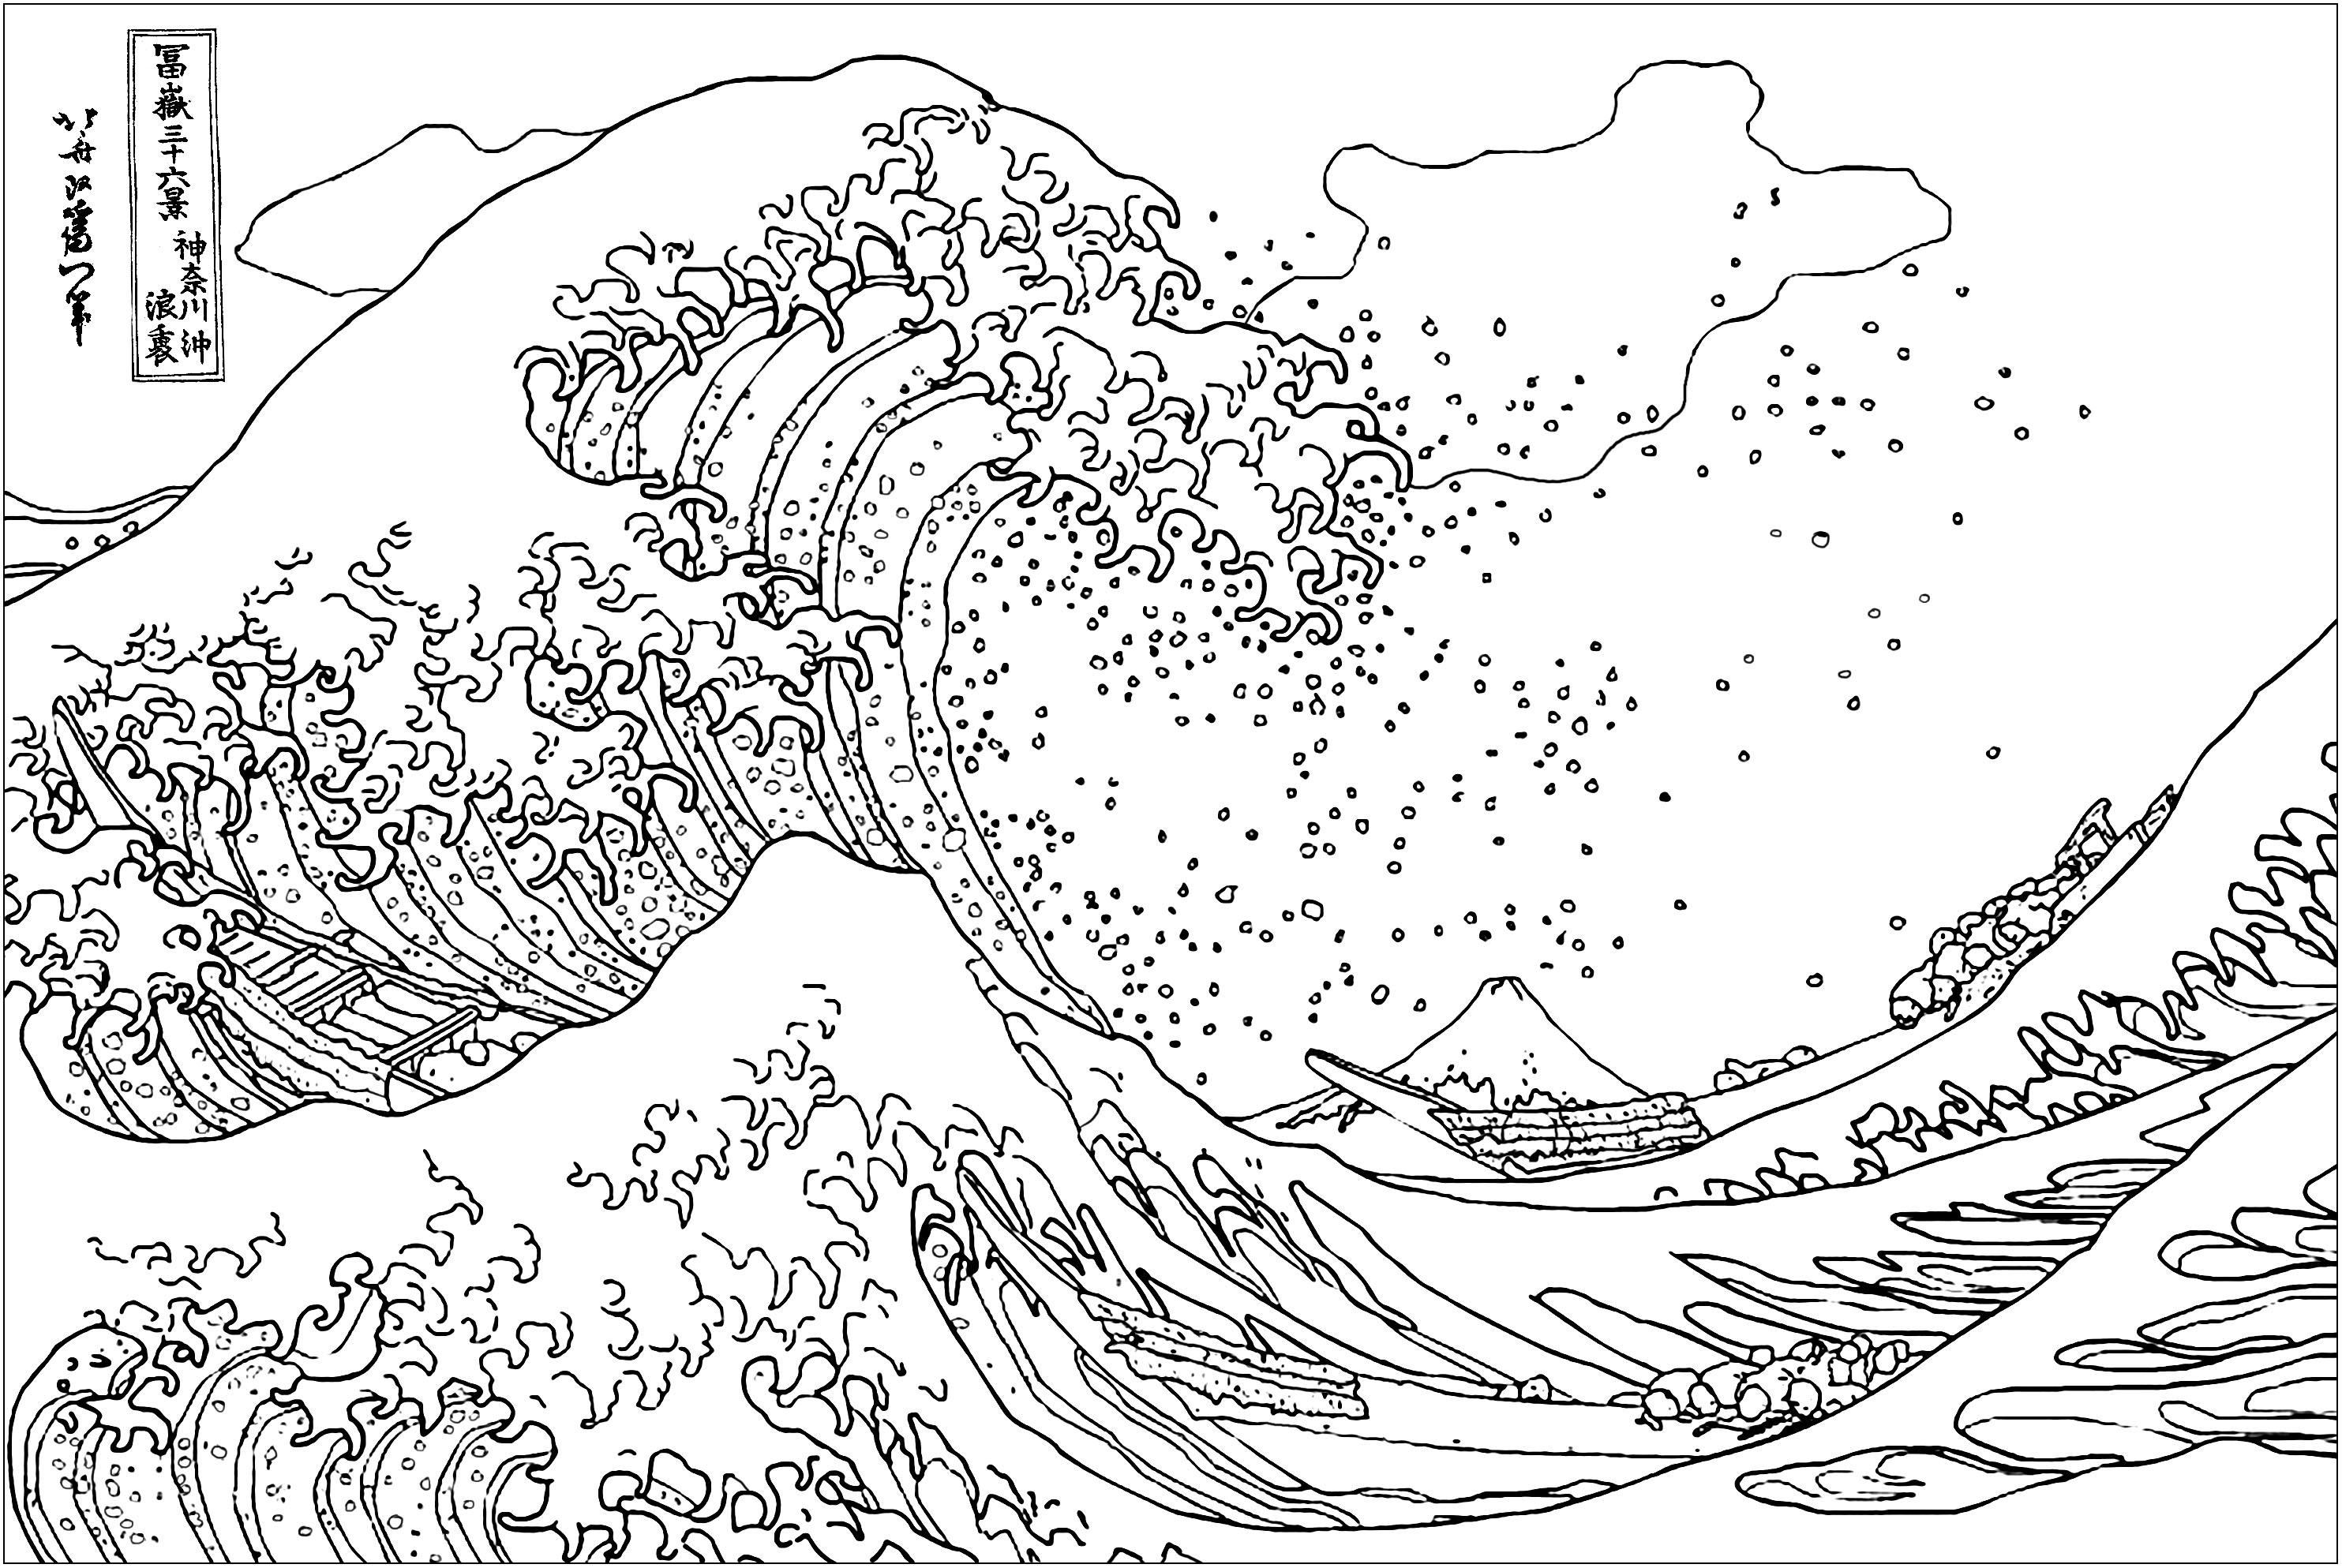 Coloriage inspiré de cette très célèbre gravure sur bois de l'artiste japonais Ukiyo-e Hokusai